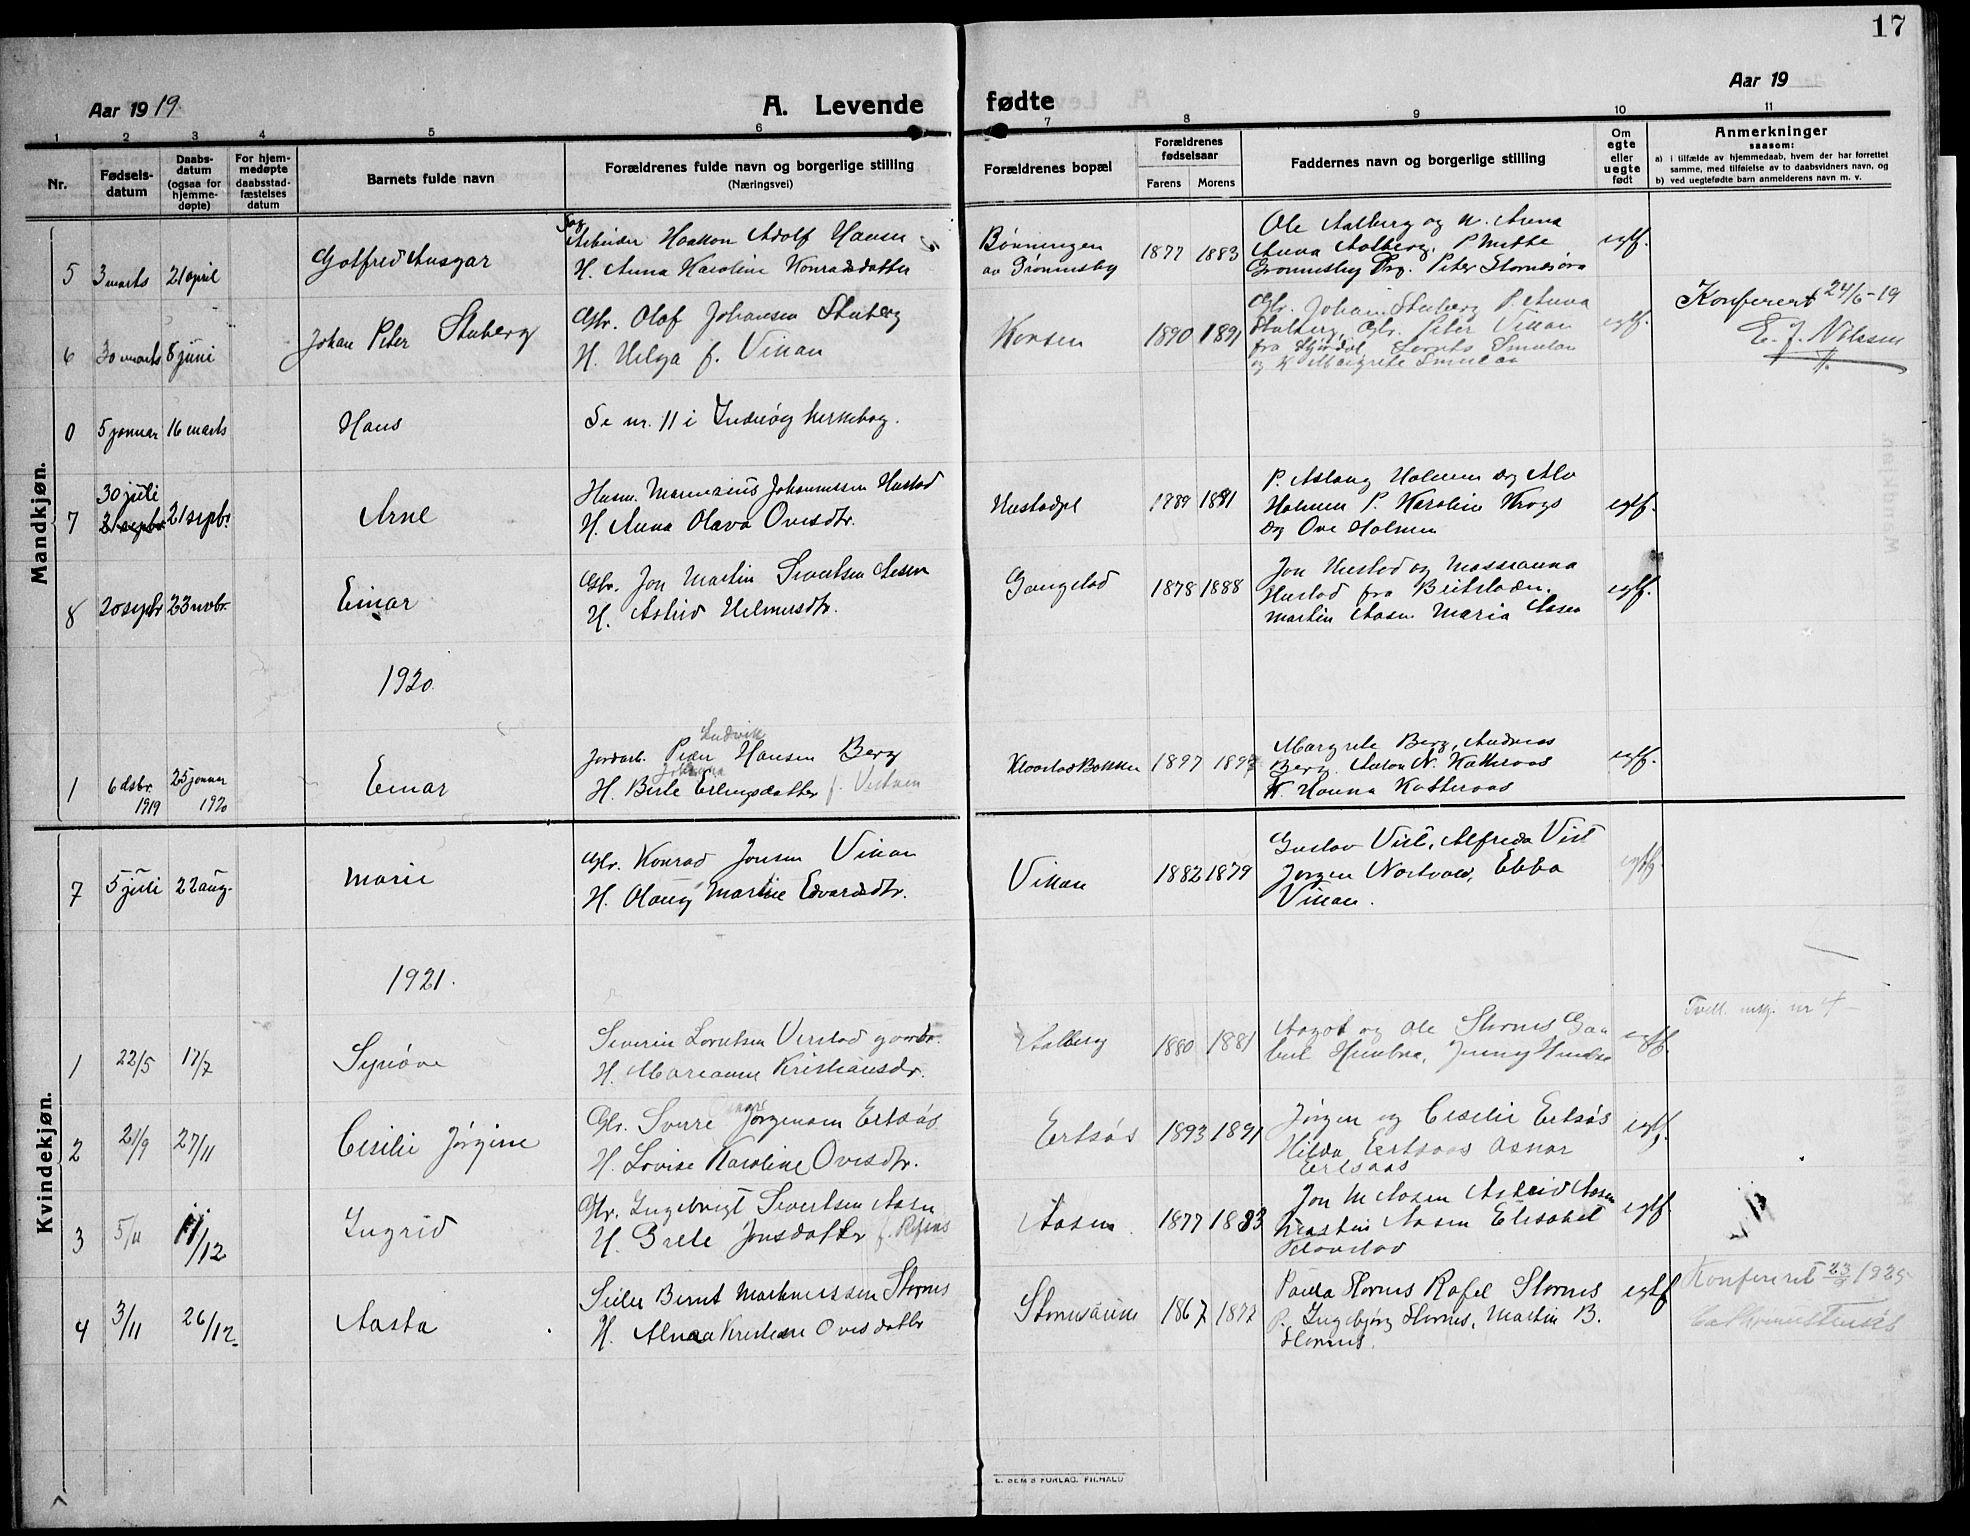 SAT, Ministerialprotokoller, klokkerbøker og fødselsregistre - Nord-Trøndelag, 732/L0319: Klokkerbok nr. 732C03, 1911-1945, s. 17